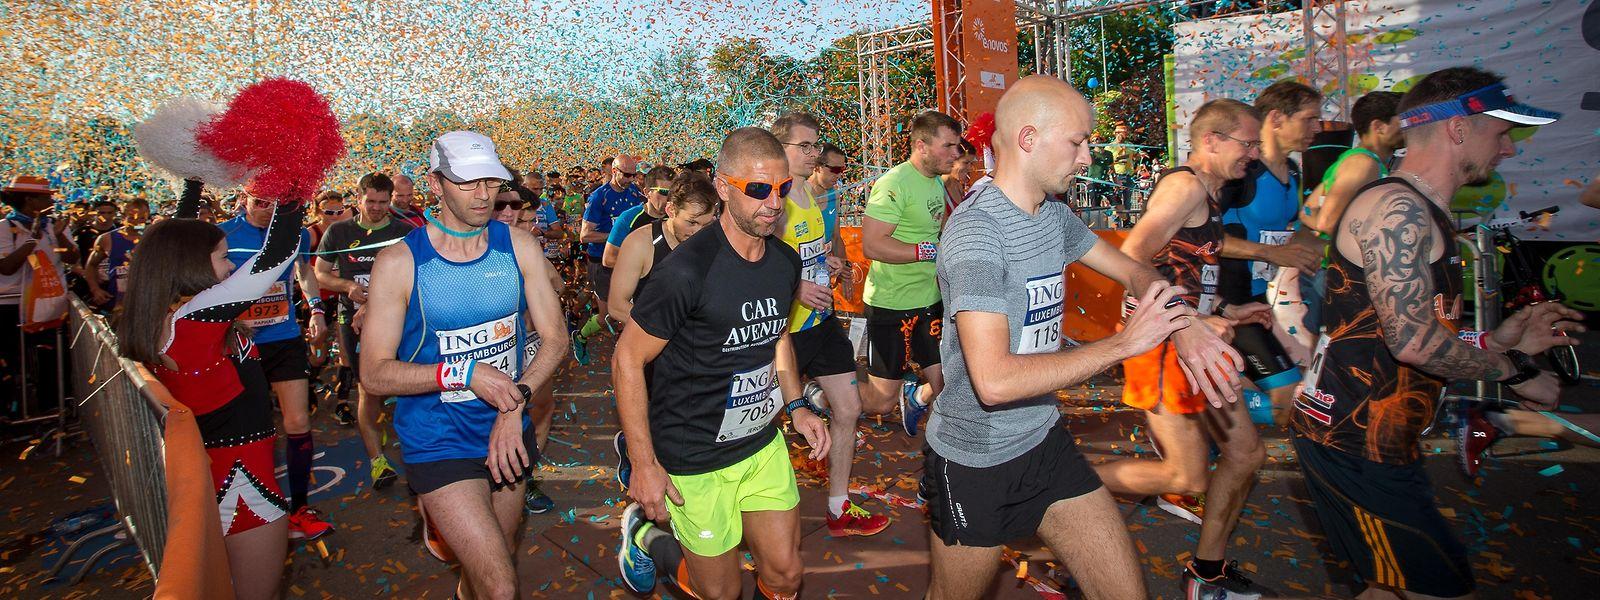 Der ING Night Marathon ist die größte Sportveranstaltung Luxemburgs.